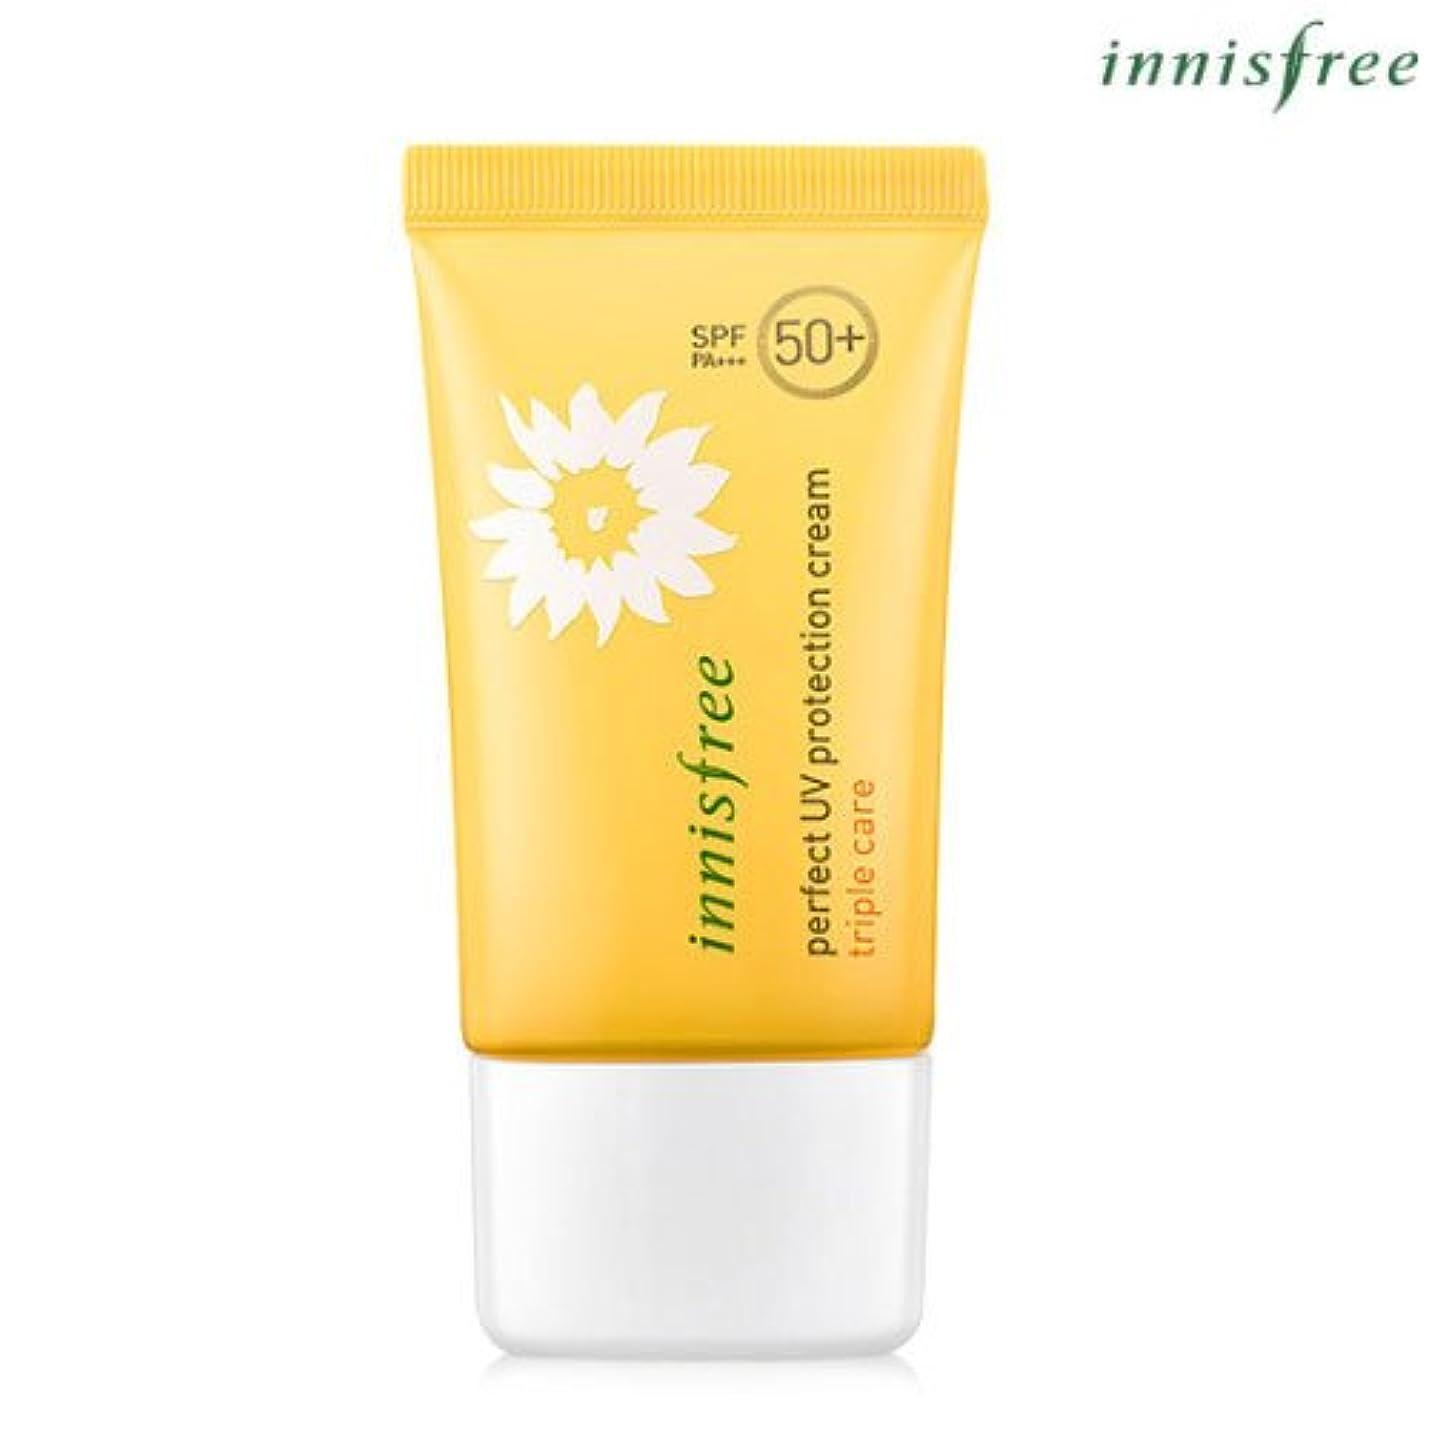 確かなエンジニア堂々たる[INNISFREE]イニスフリーパーフェクトUV プロテクション クリームトリプルケアSPF50+ PA+++ 50mL perfect UV protection cream triple care SPF50+ PA...